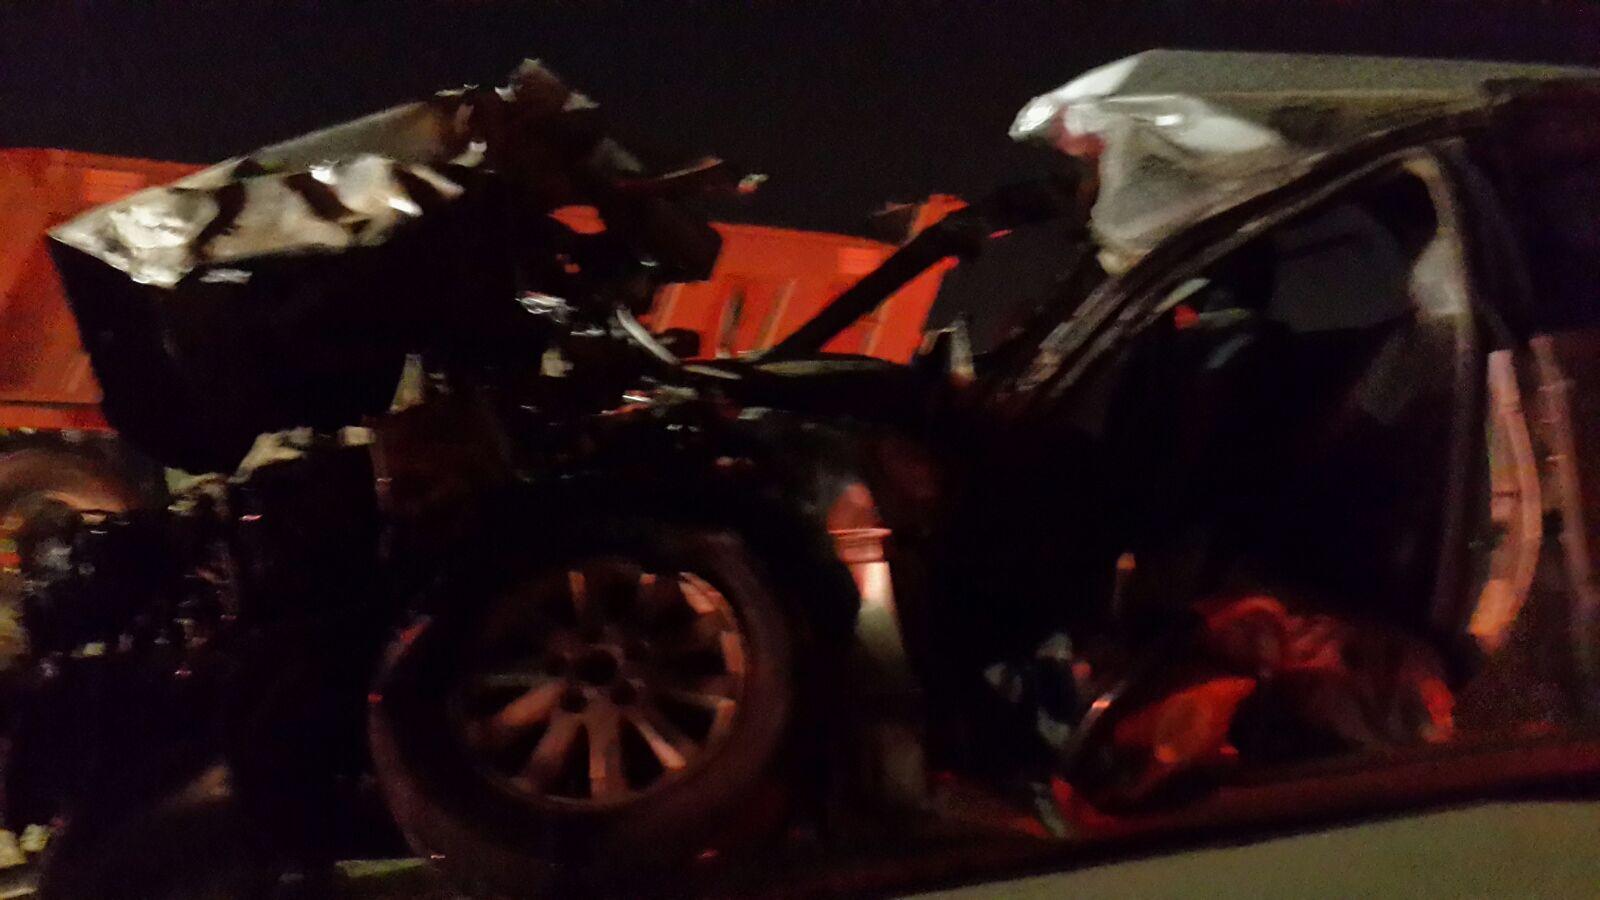 حادث تصادم بجازان (1)